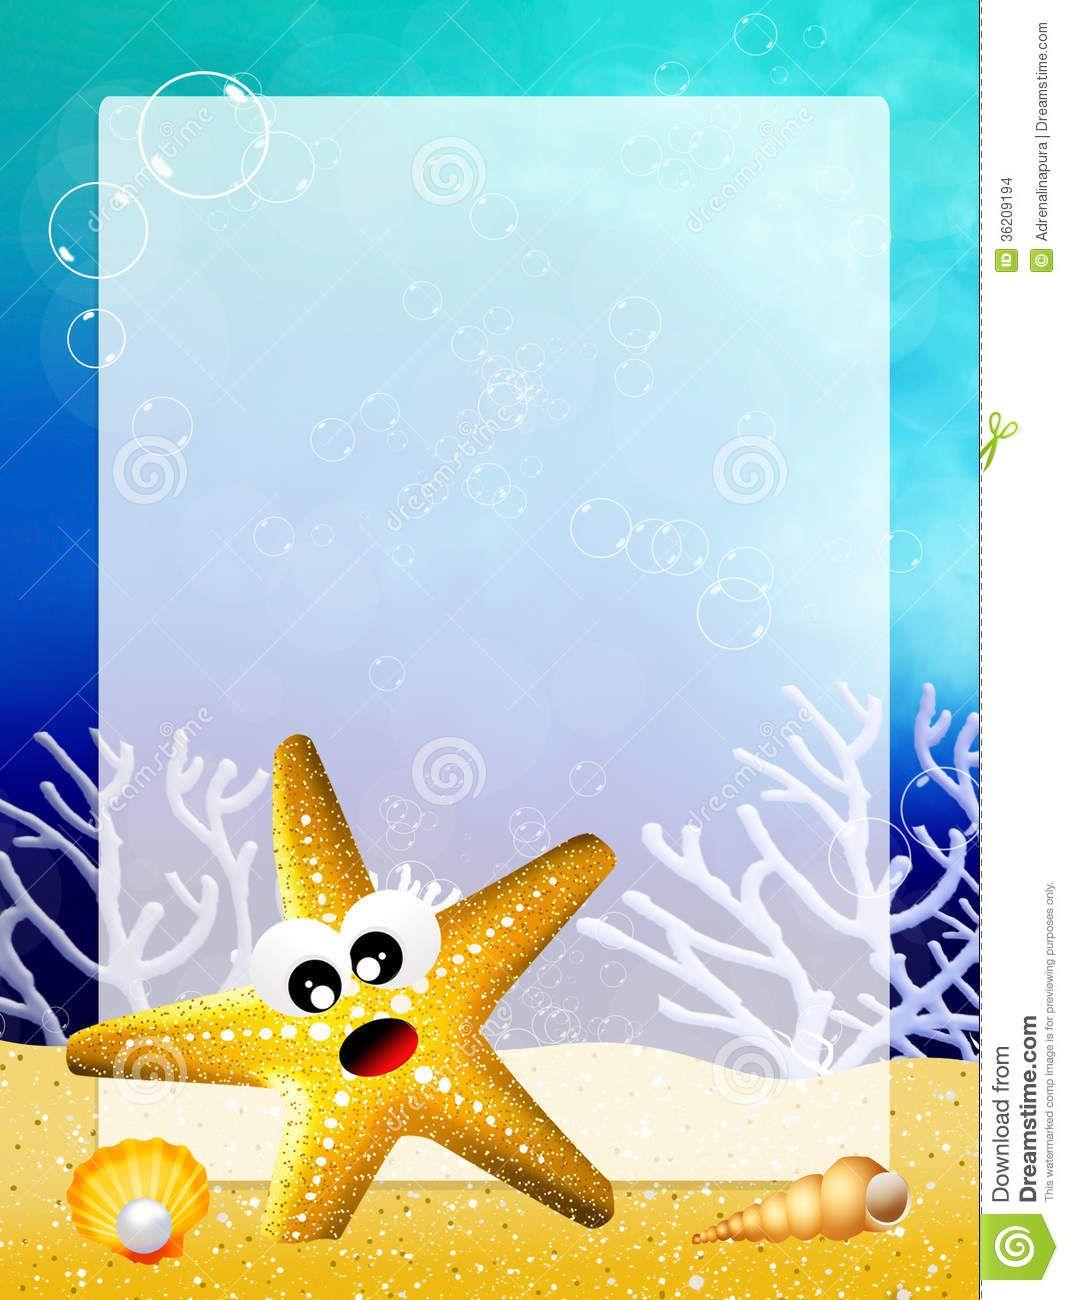 estrellas-de-mar-con-el-marco-36209194.jpg (1069×1300)